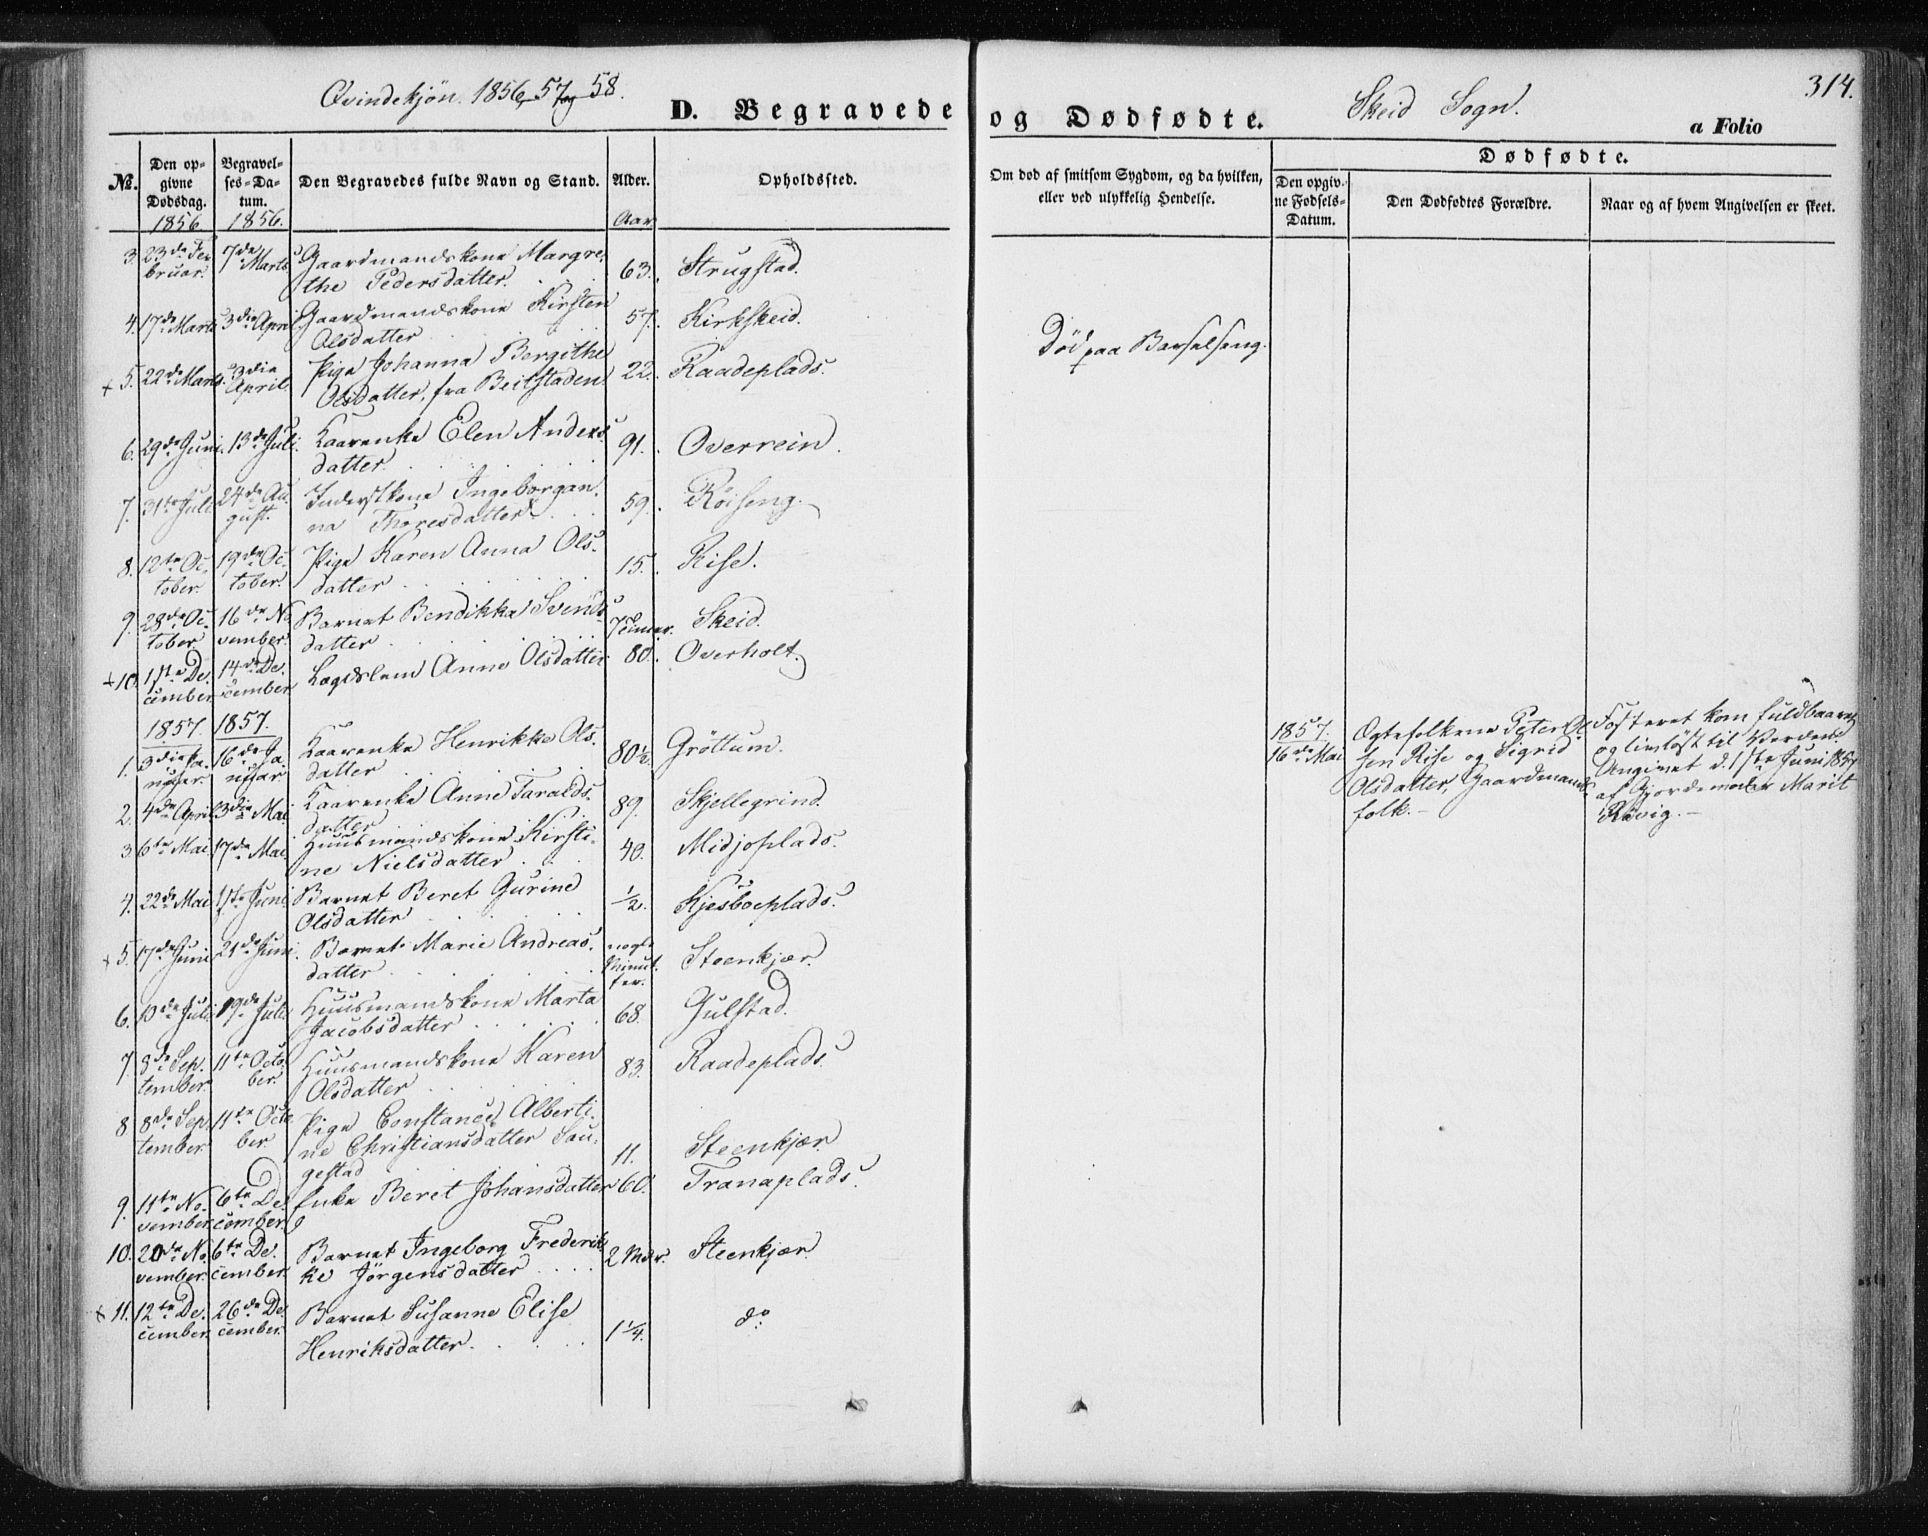 SAT, Ministerialprotokoller, klokkerbøker og fødselsregistre - Nord-Trøndelag, 735/L0342: Ministerialbok nr. 735A07 /2, 1849-1862, s. 314